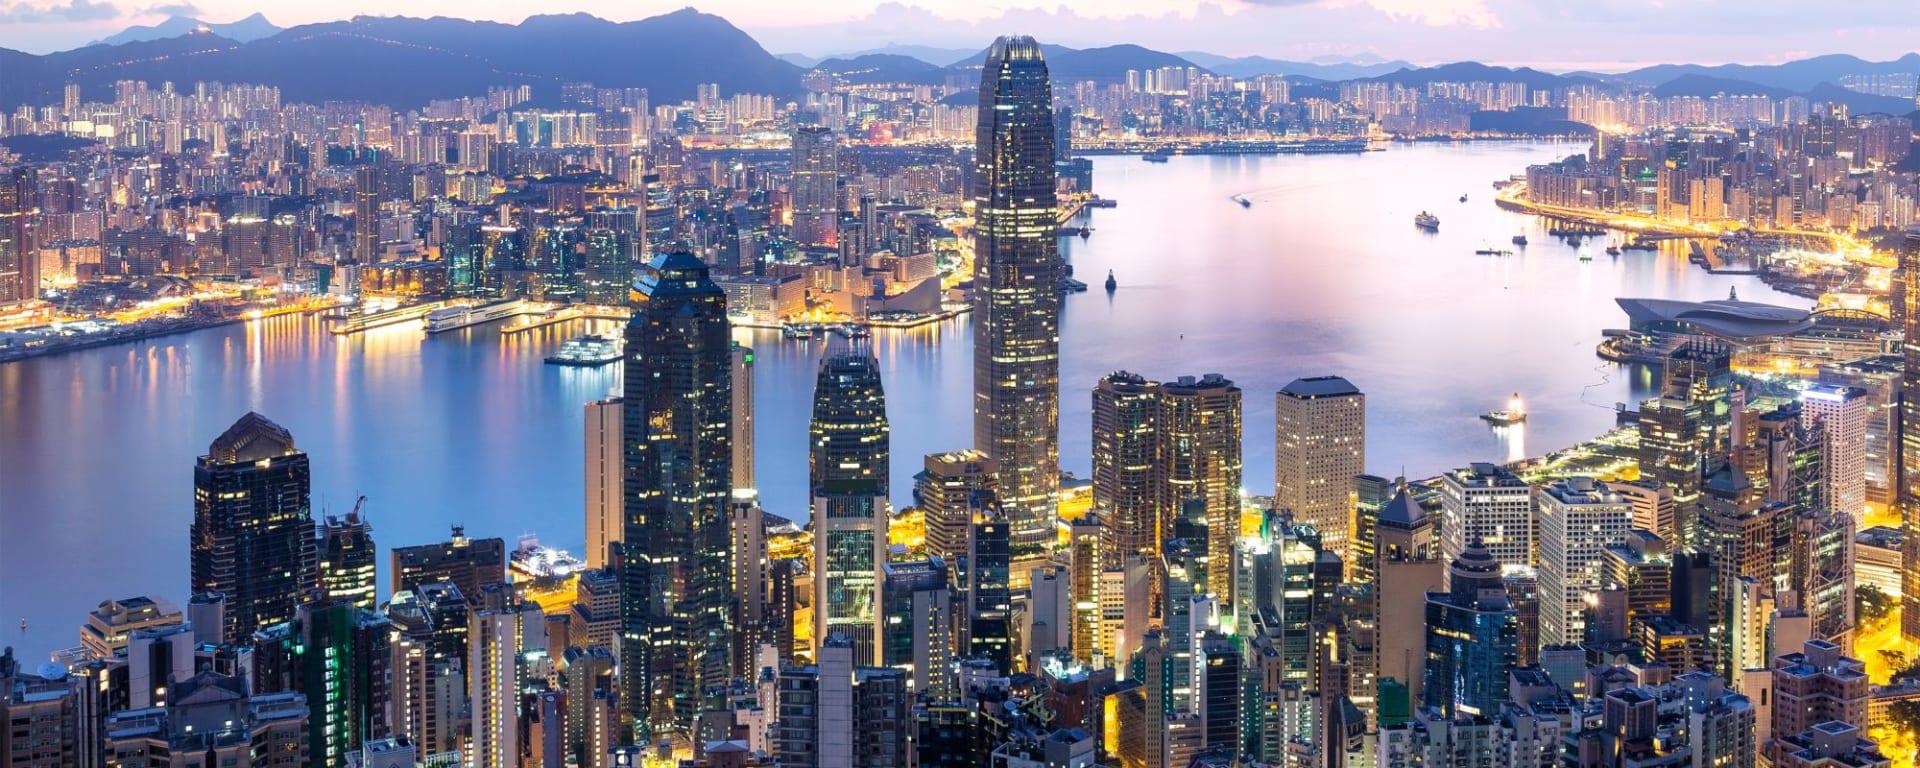 Wissenswertes zu Hong Kong Reisen und Ferien: Hong Kong sunrise